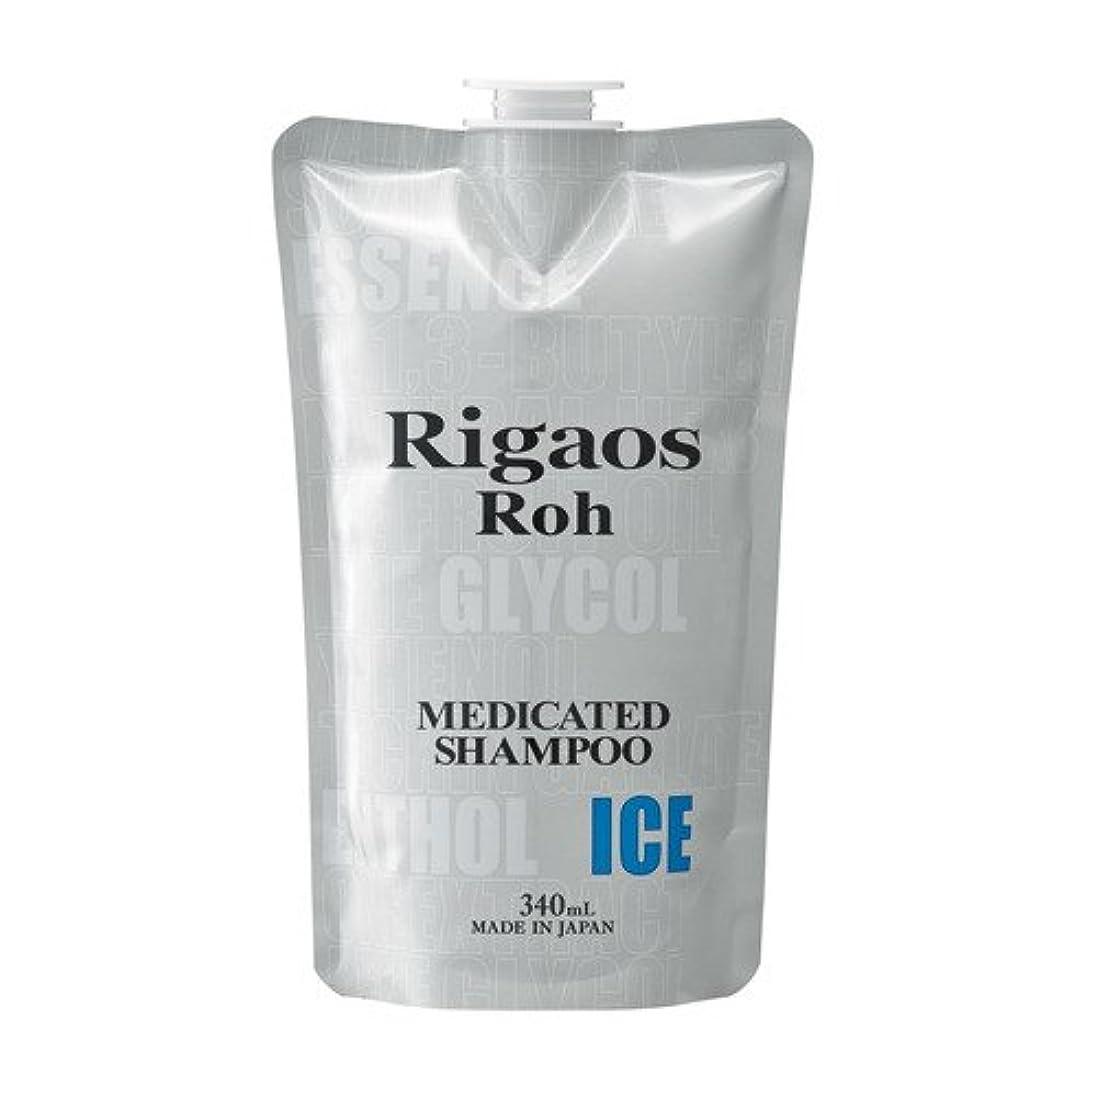 マイクロプロセッサスタイル拡散するリガオス ロー 薬用スカルプケア シャンプー ICE レフィル (340mL) [医薬部外品]